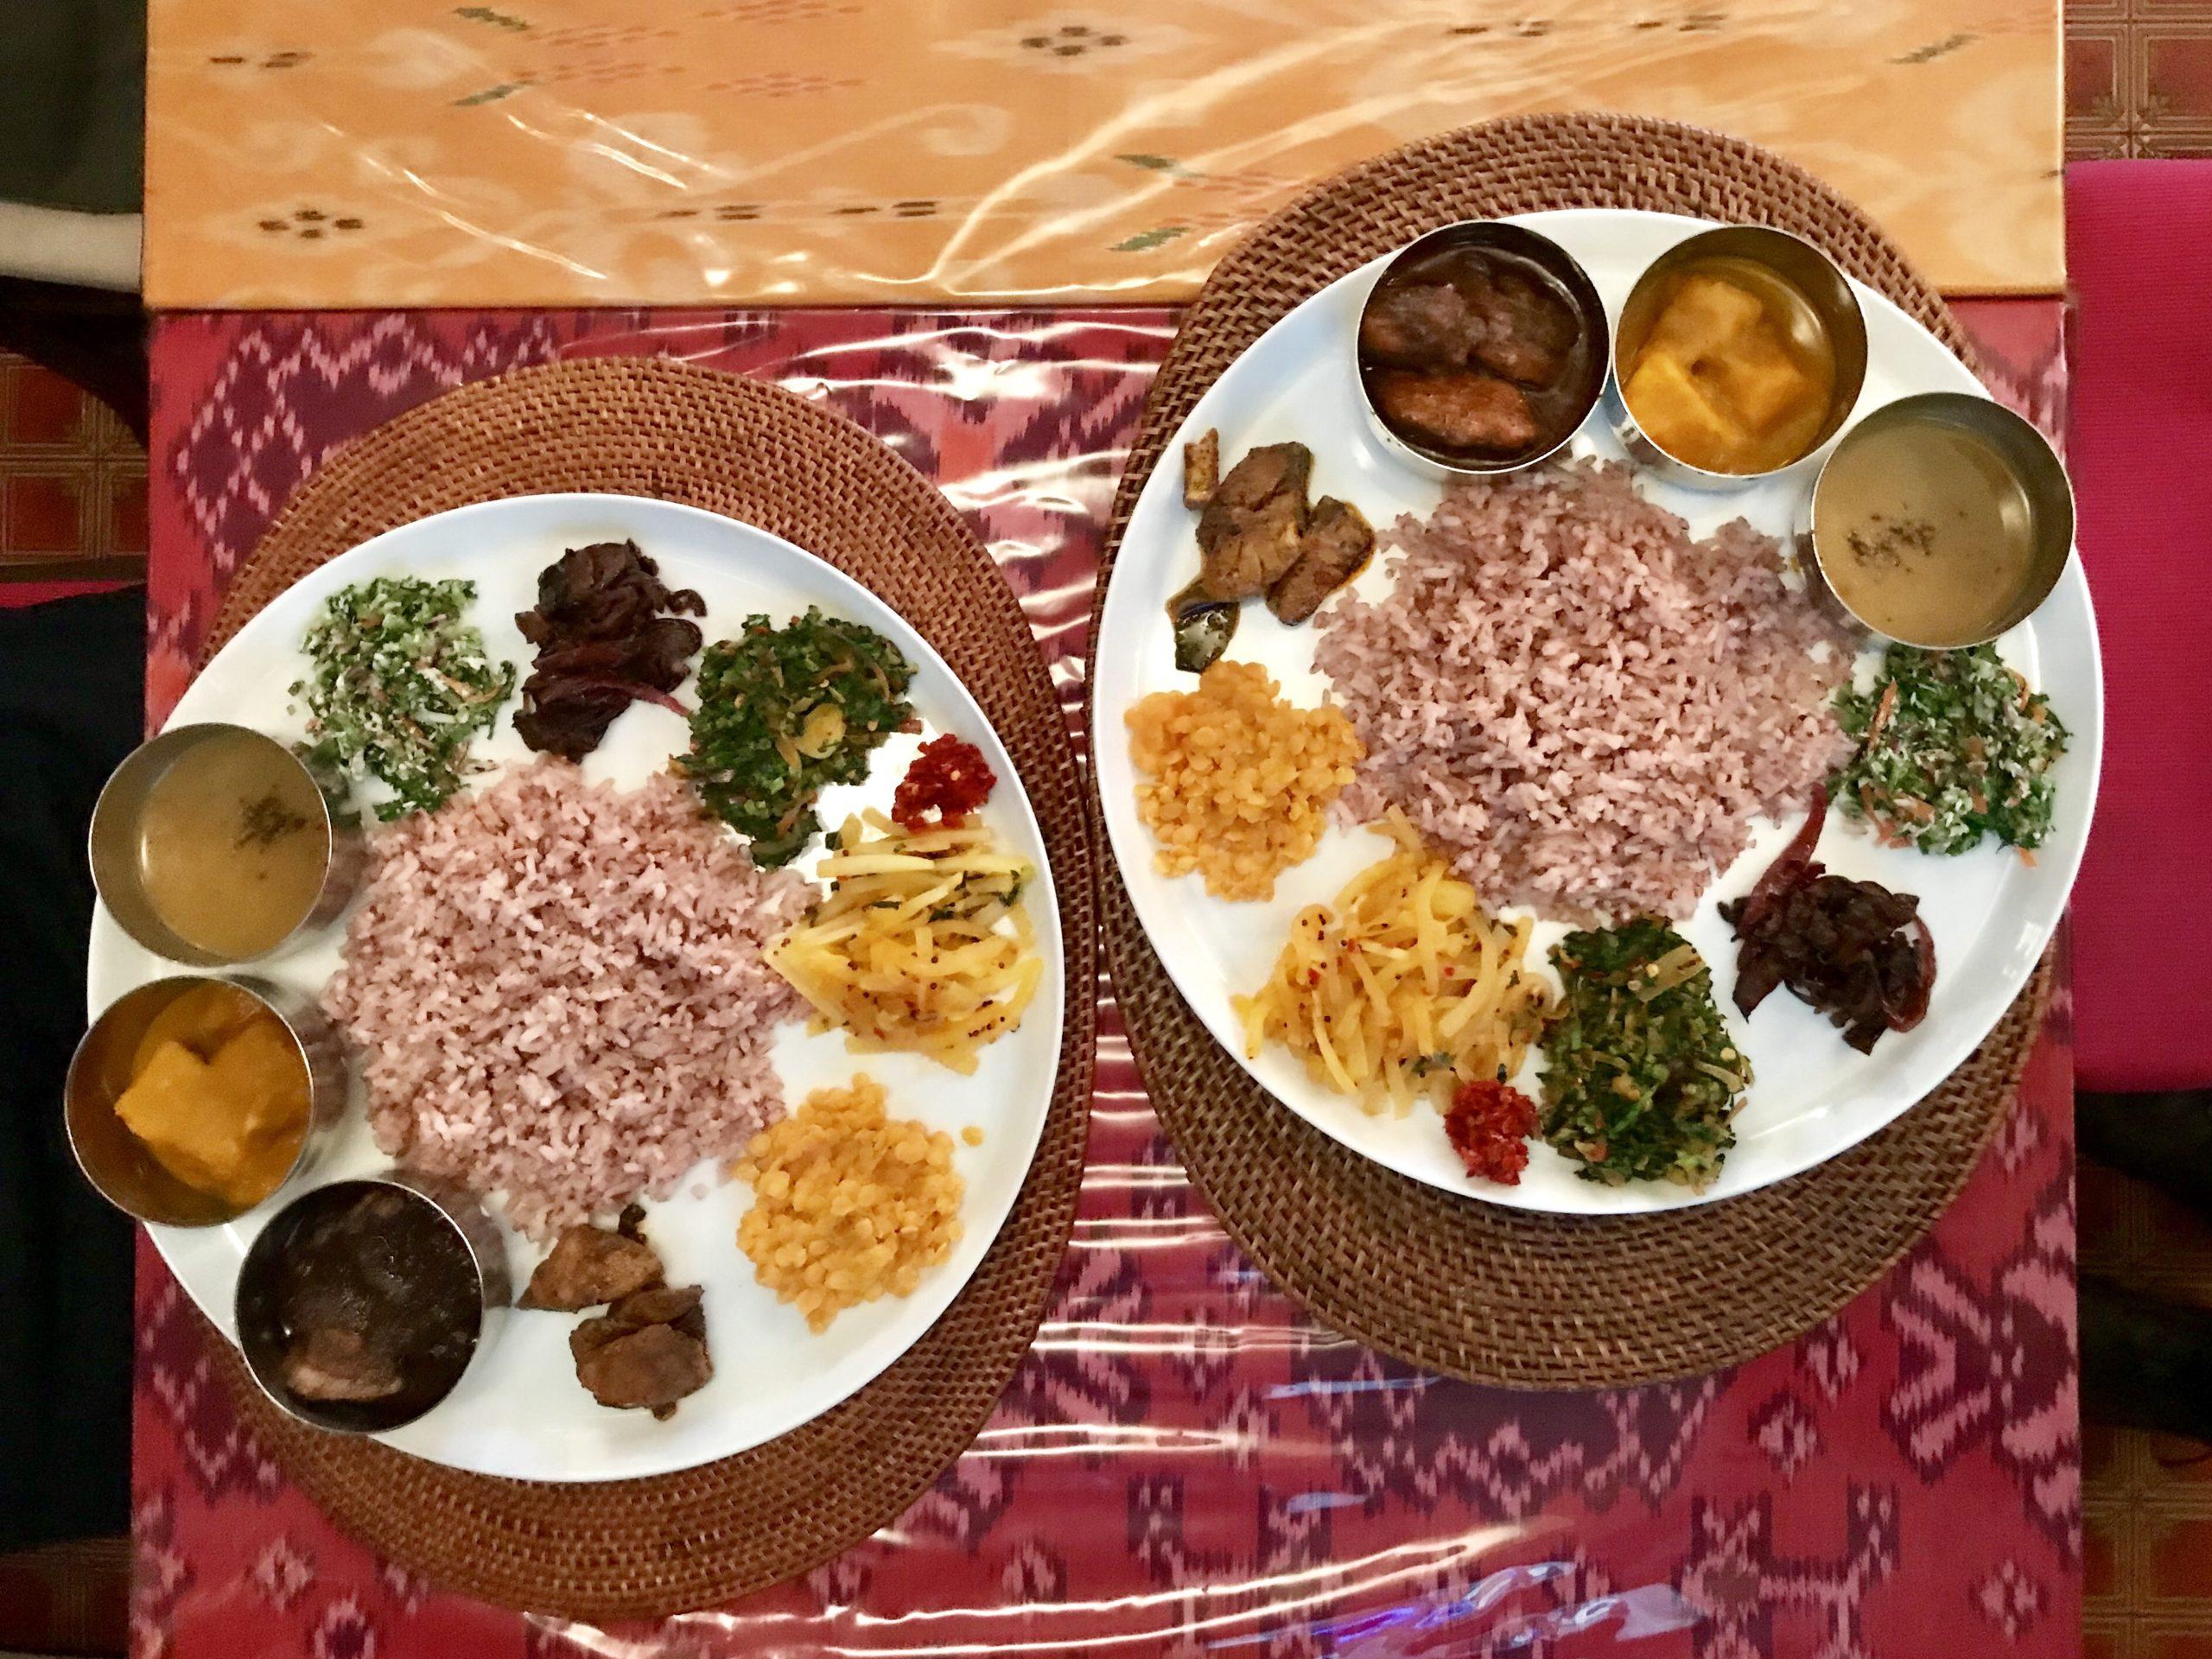 水戸のスリランカ料理コジコジ スリランカプレート チキンとポーク